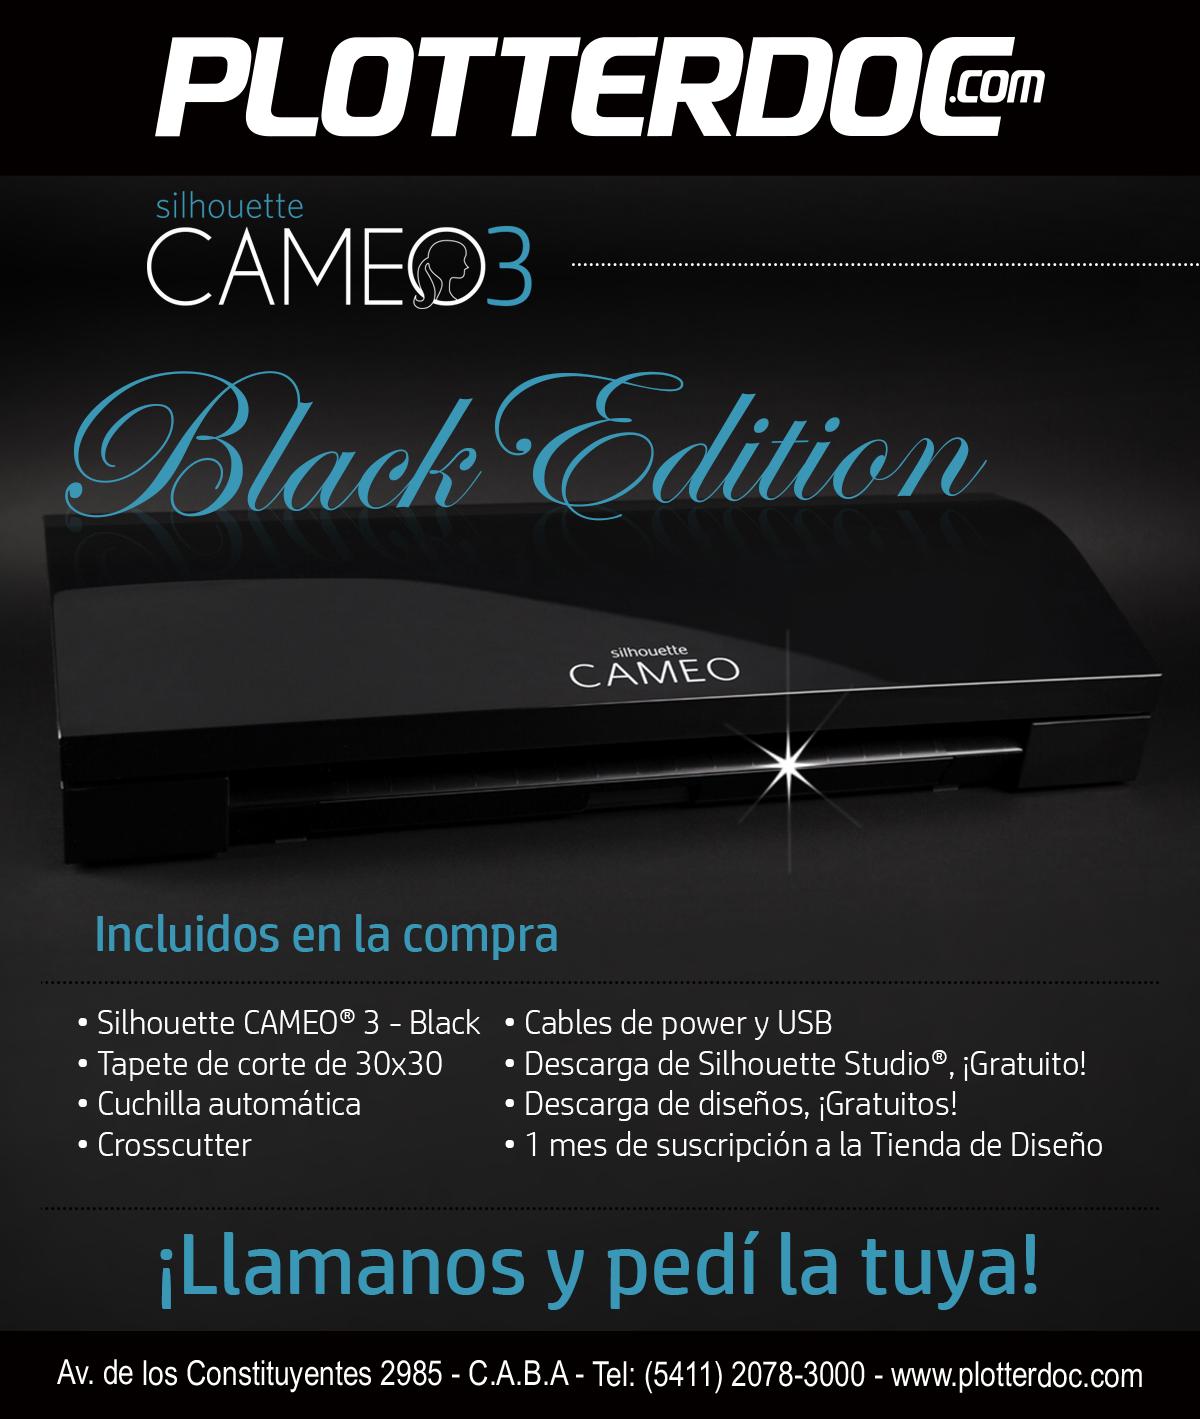 Llegó la nueva CAMEO 3 Black Edition